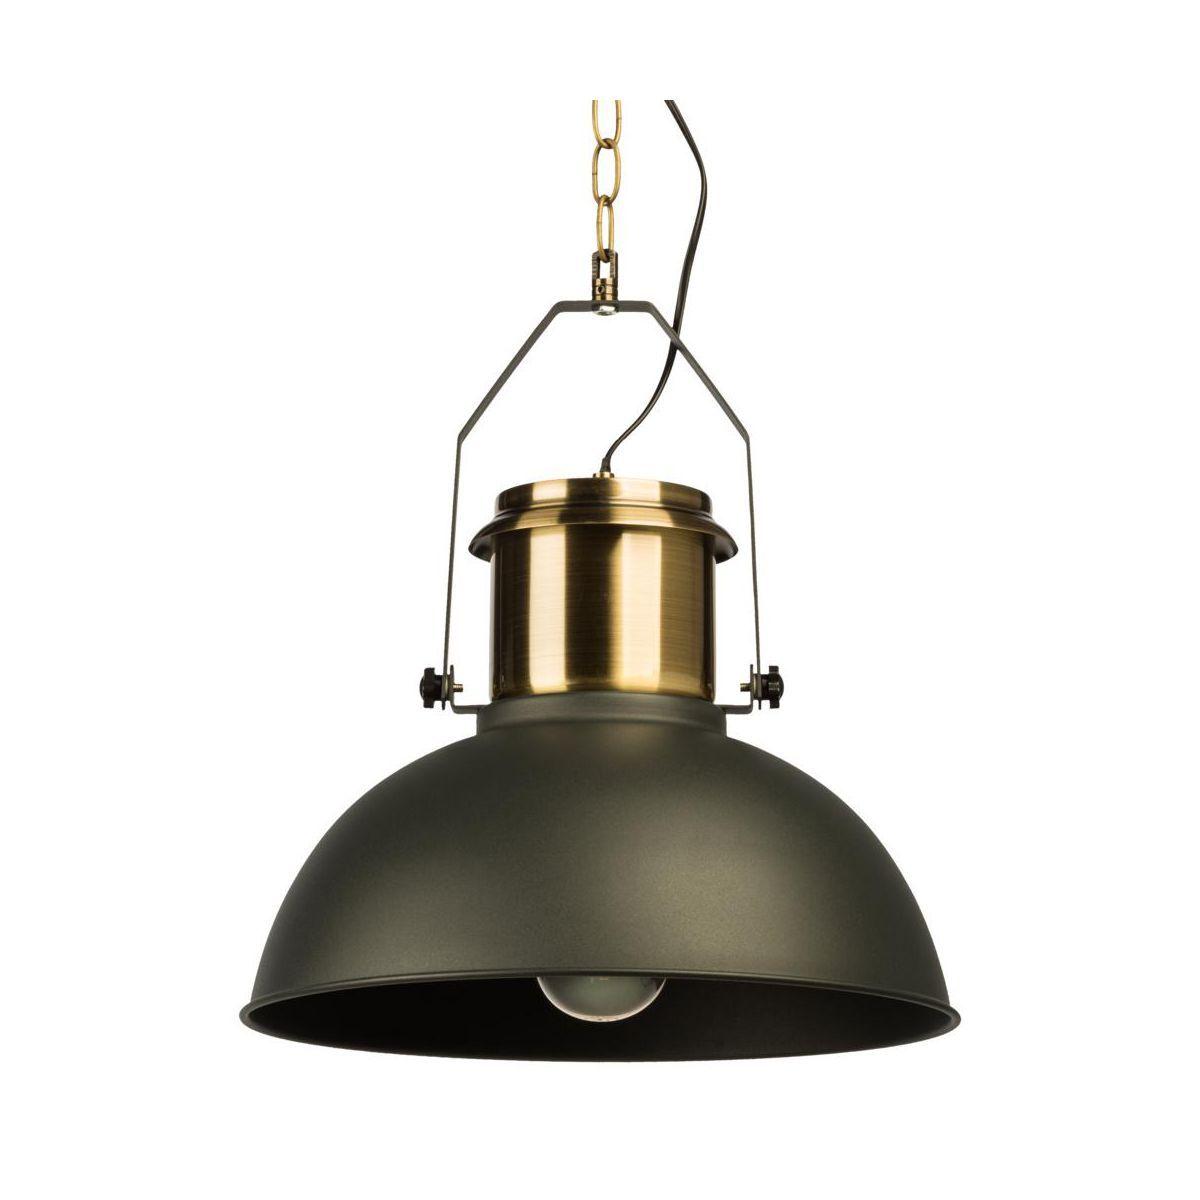 Lampa Wiszaca Maserlo Taupe E27 Eglo Zyrandole Lampy Wiszace I Sufitowe W Atrakcyjnej Cenie W Sklepach Leroy Merlin Lamp Pendant Light Ceiling Lights